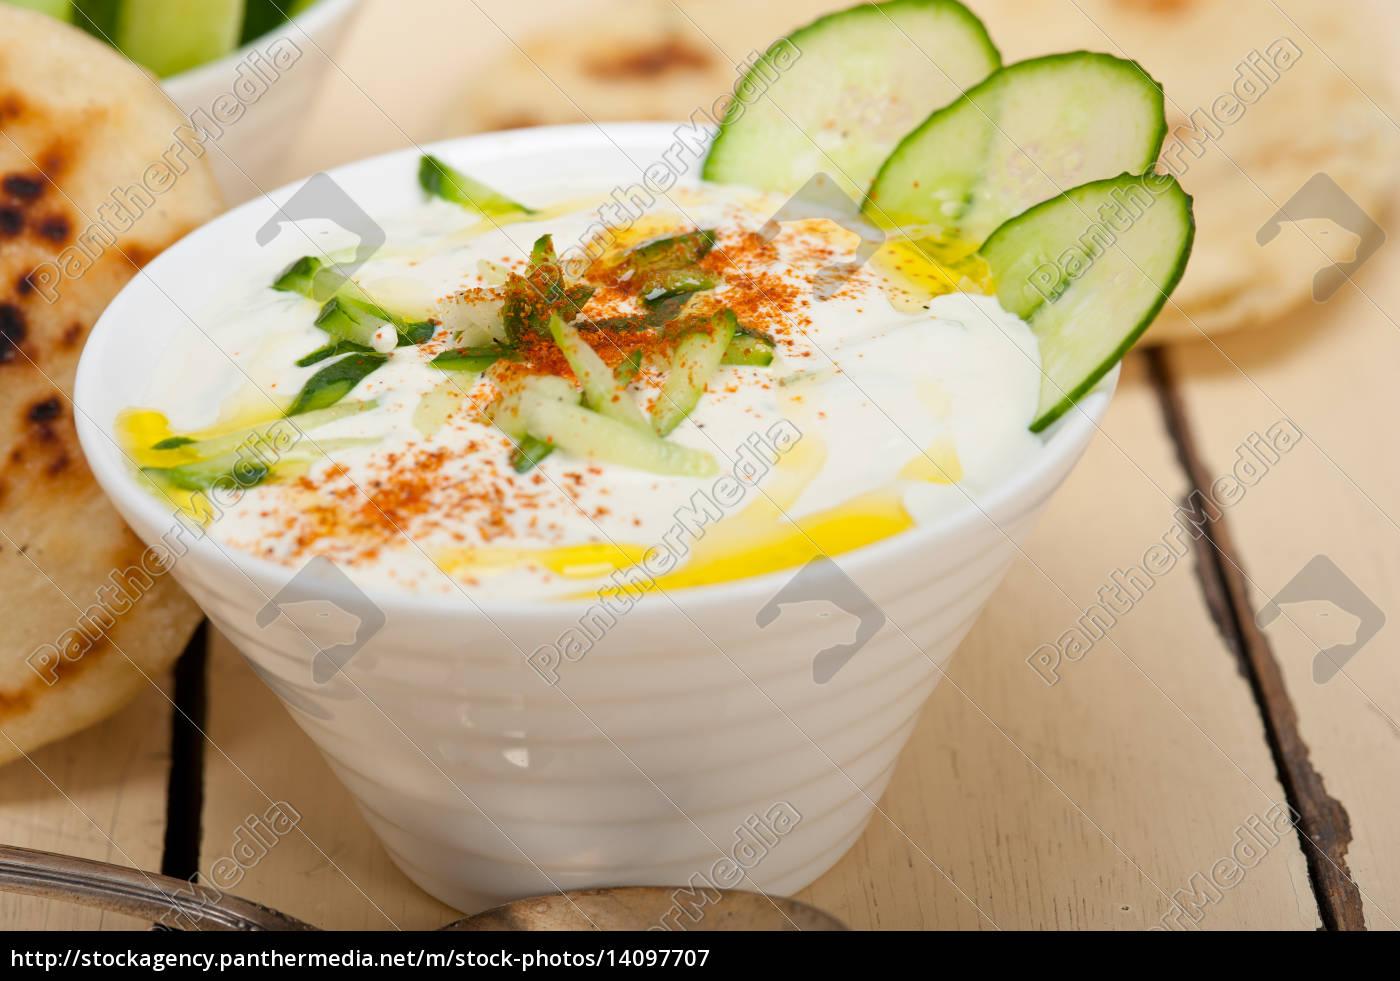 arab, middle, east, goat, yogurt, and - 14097707